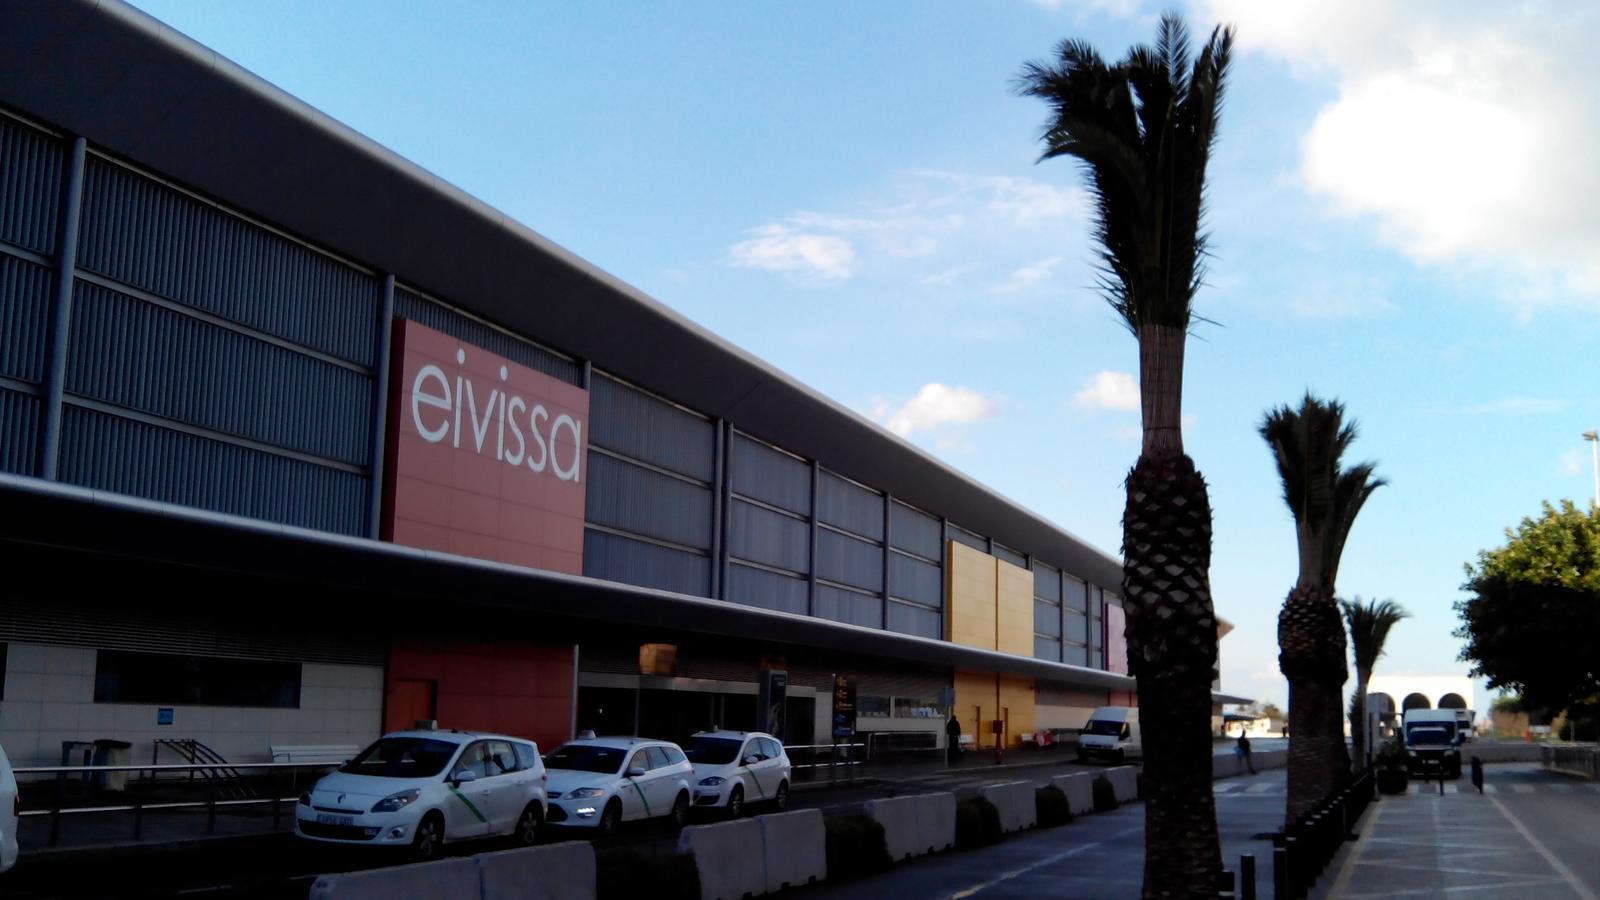 Més de 50.000 persones passaran avui per l'aeroport d'Eivissa